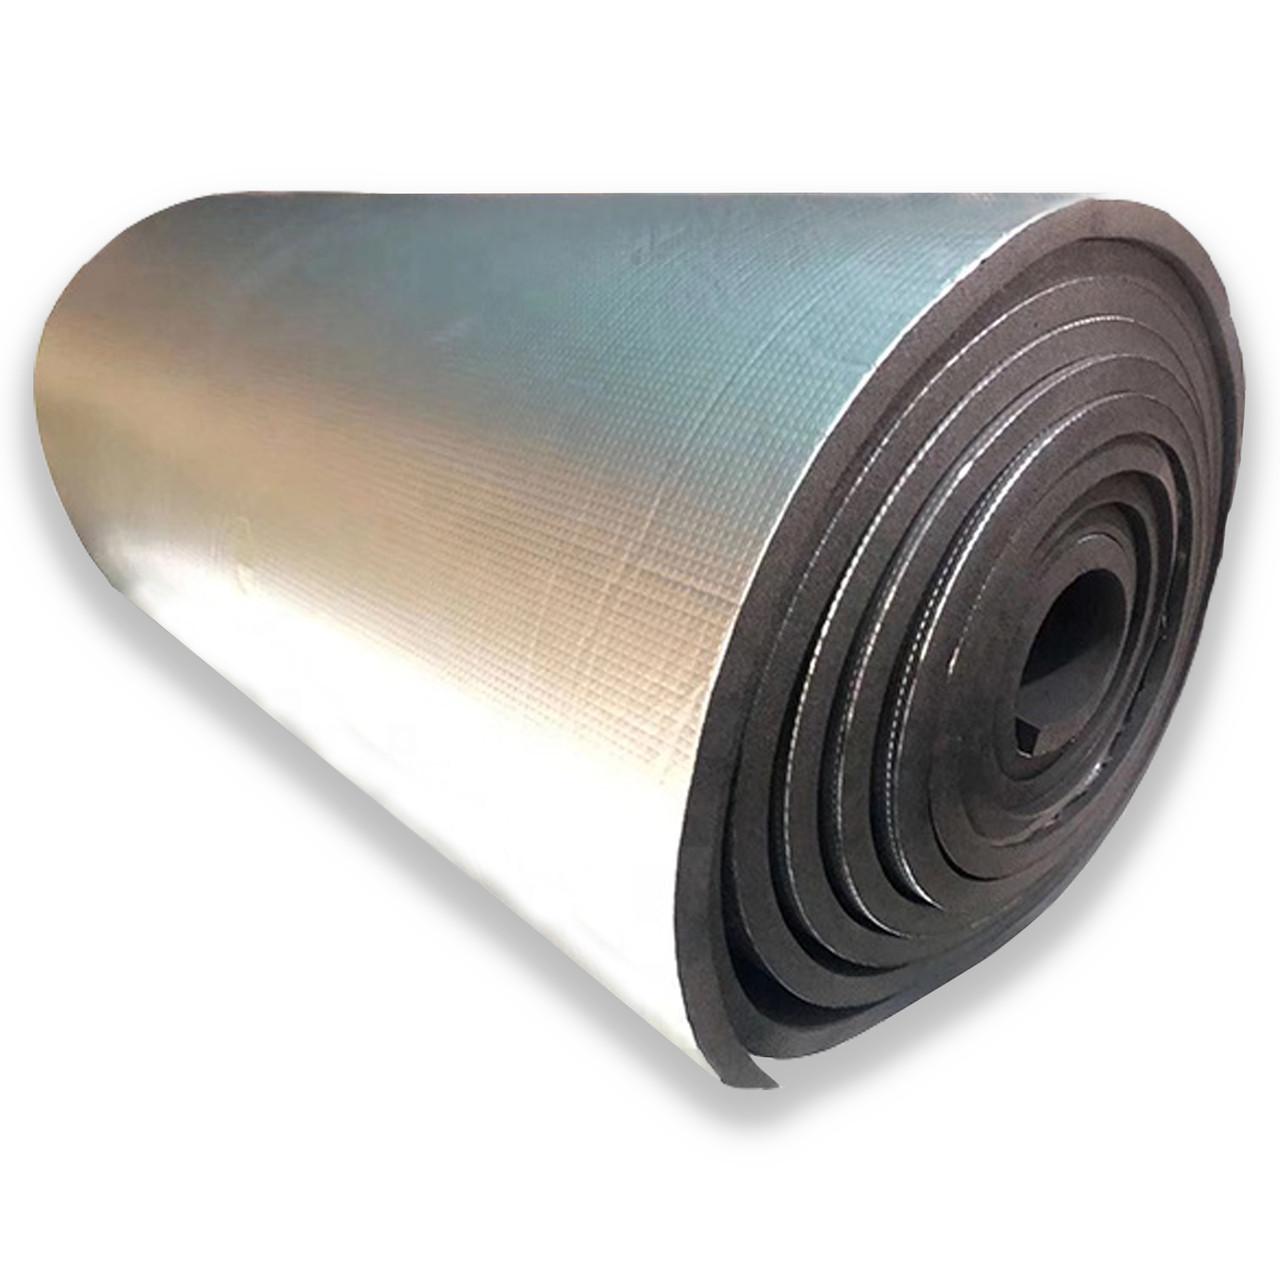 Вспененный каучук 25мм фольгированный (утеплитель, шумоизоляция)